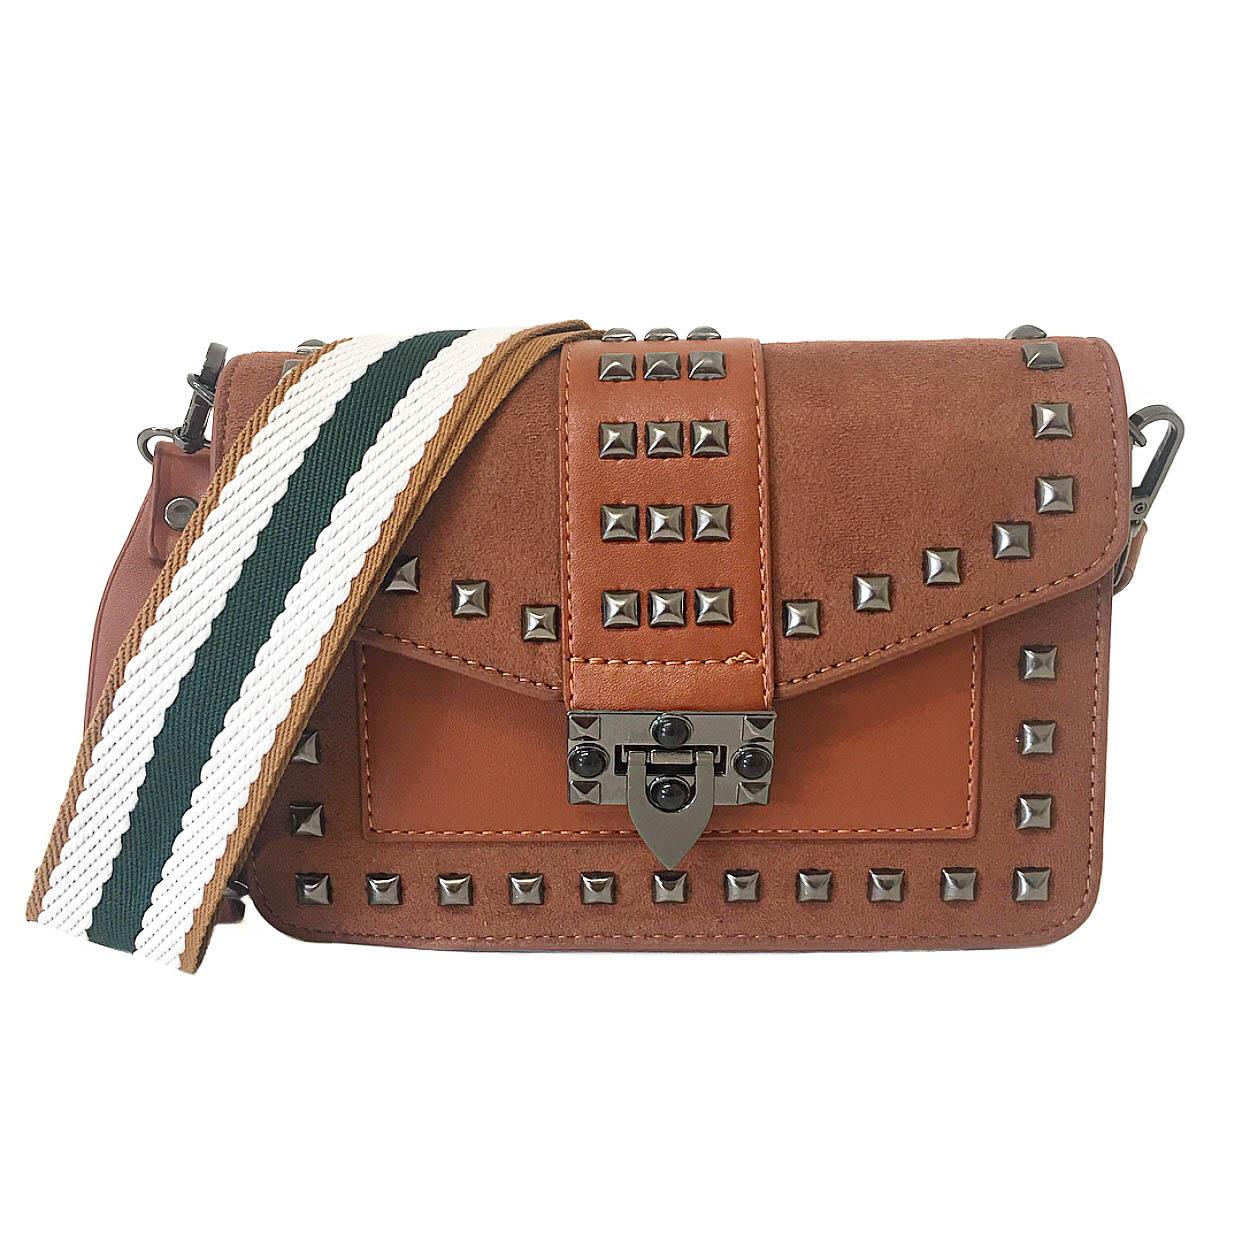 Nova Bag (£31.96)